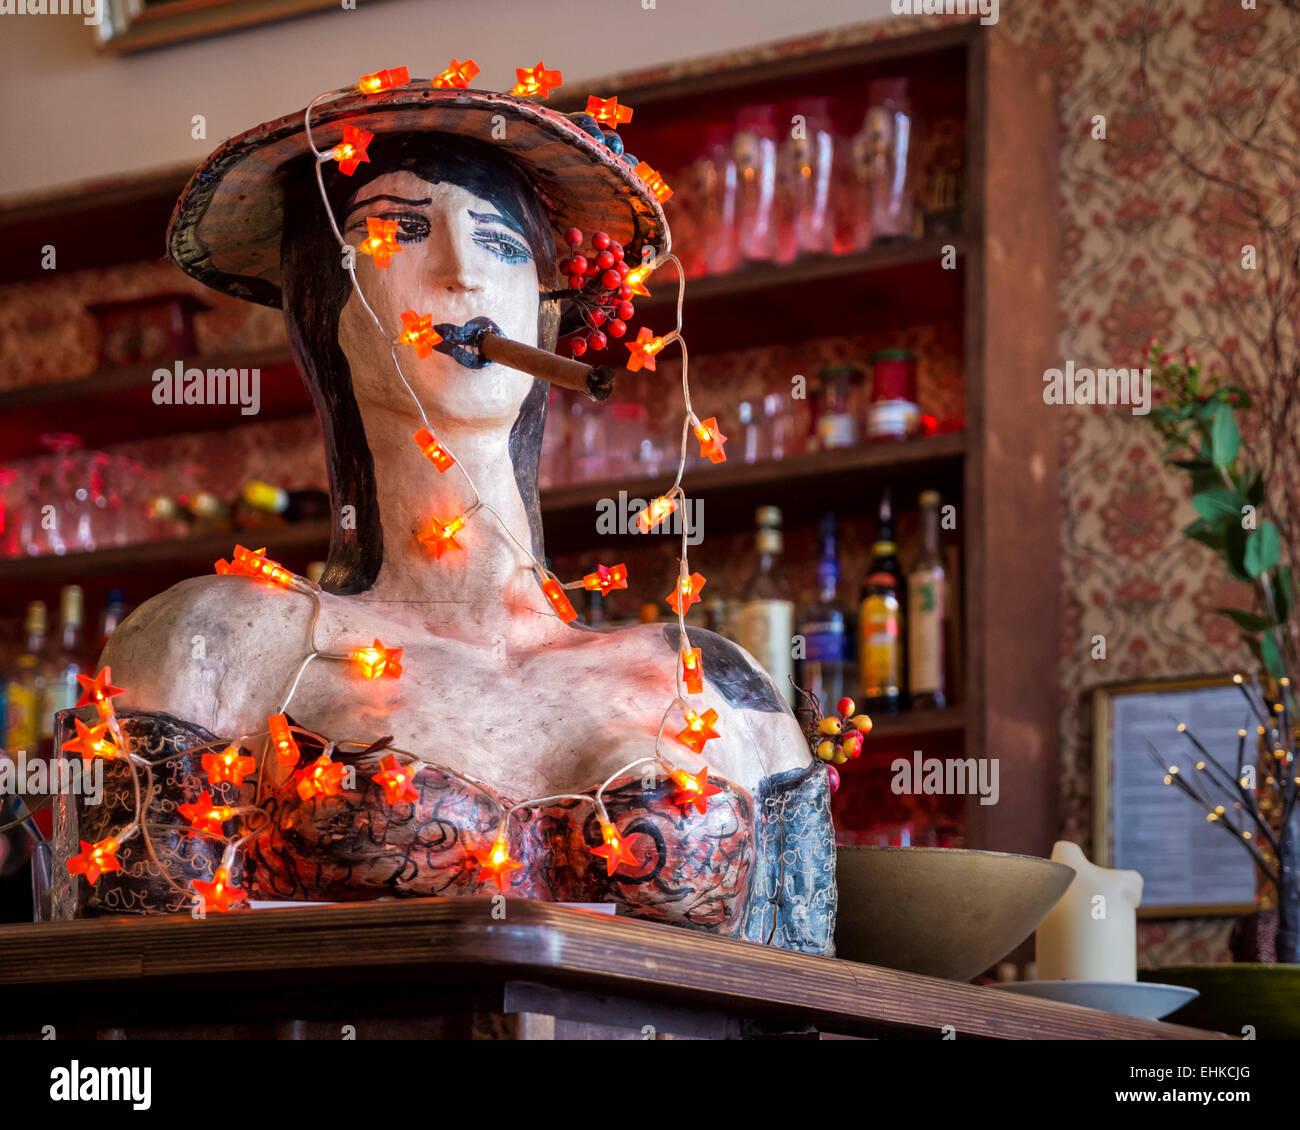 Zur Rose Bar und Restaurant innen mit papier Pappmaché-Büste von Frau raucht eine Zigarre und drapiert Stockbild